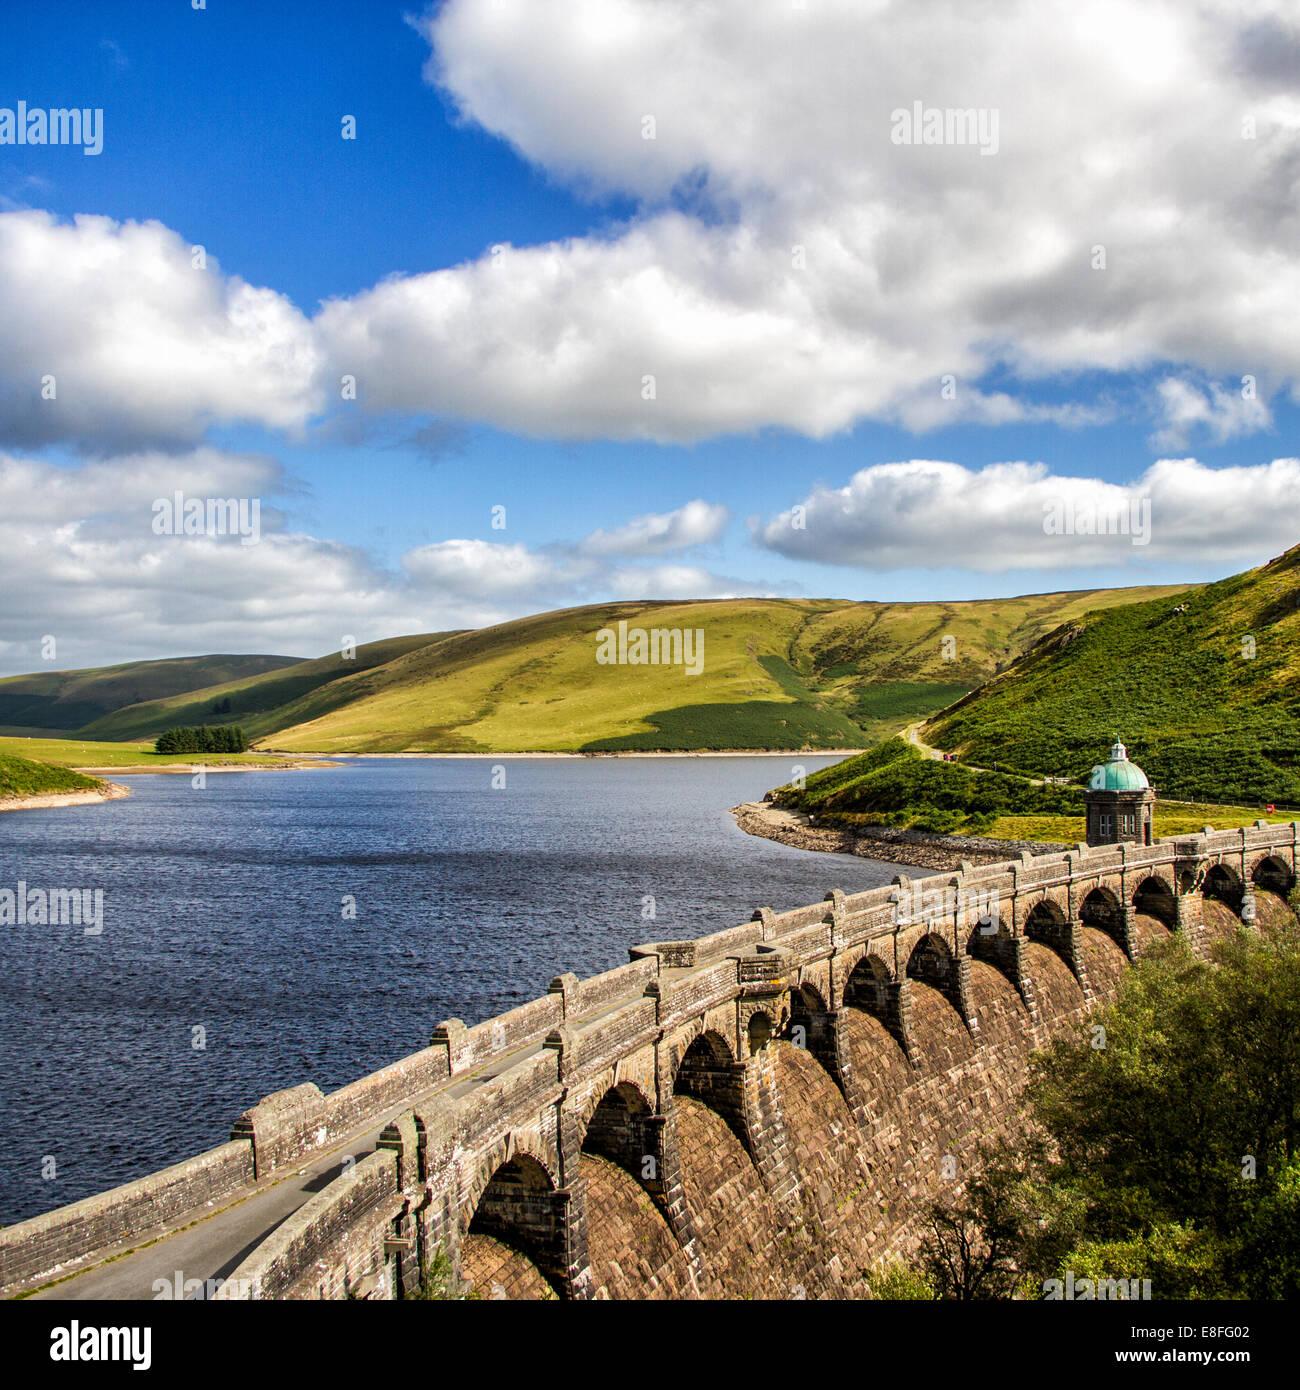 Le lac et l'Aqueduc, Elan valley, Powys, Wales, UK Photo Stock